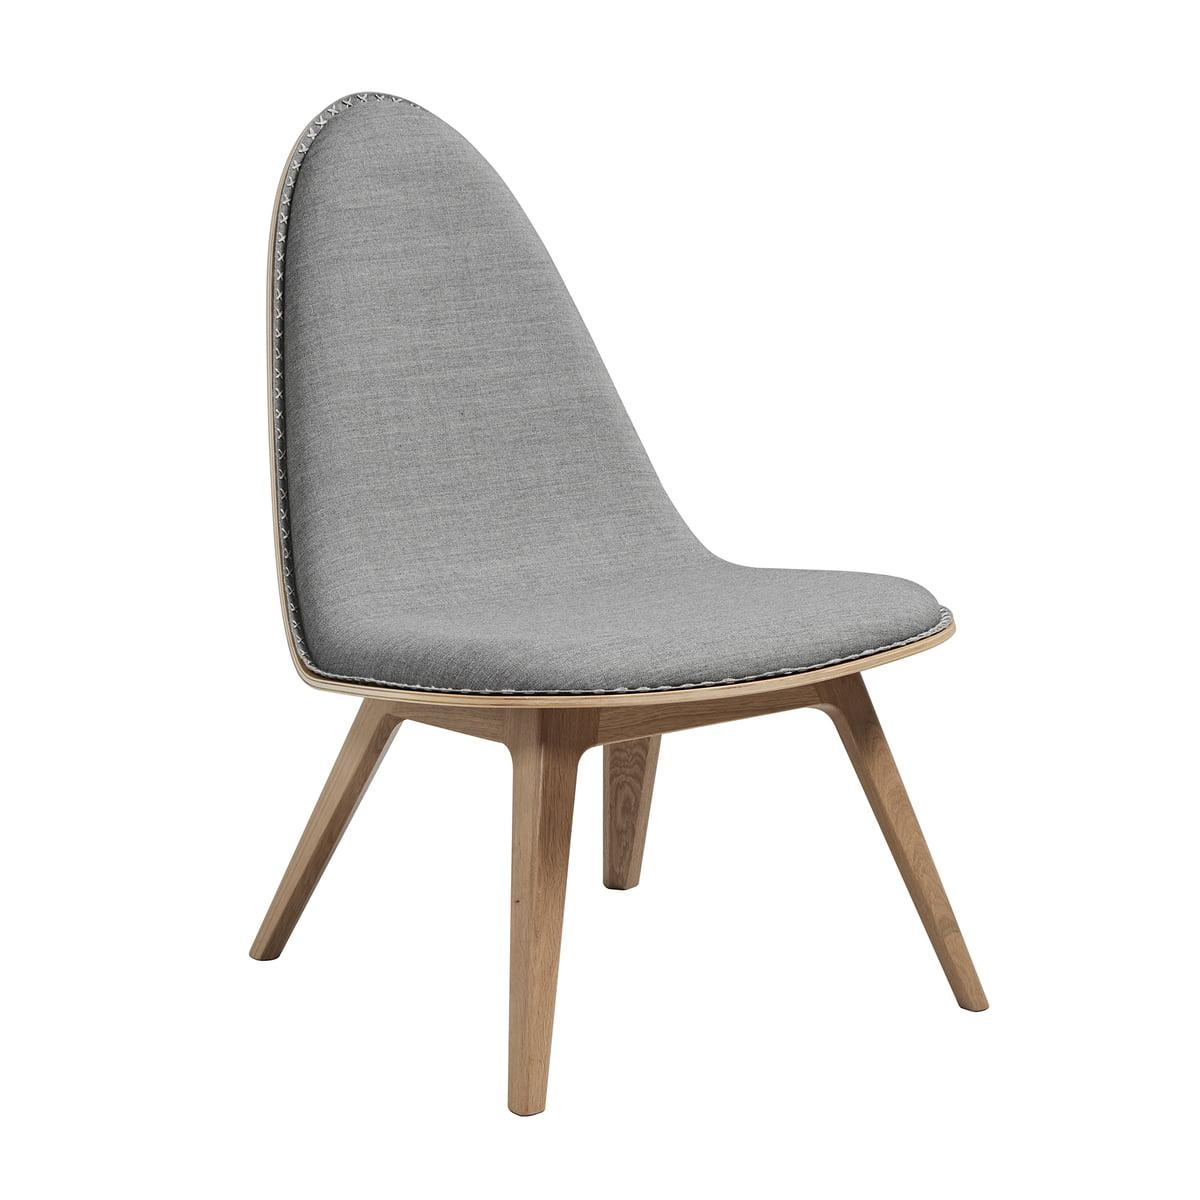 SACK it ApS Sack it - Chaise lounge Nordic, chêne teinté clair/gris clair (Remix 2), avec coutures